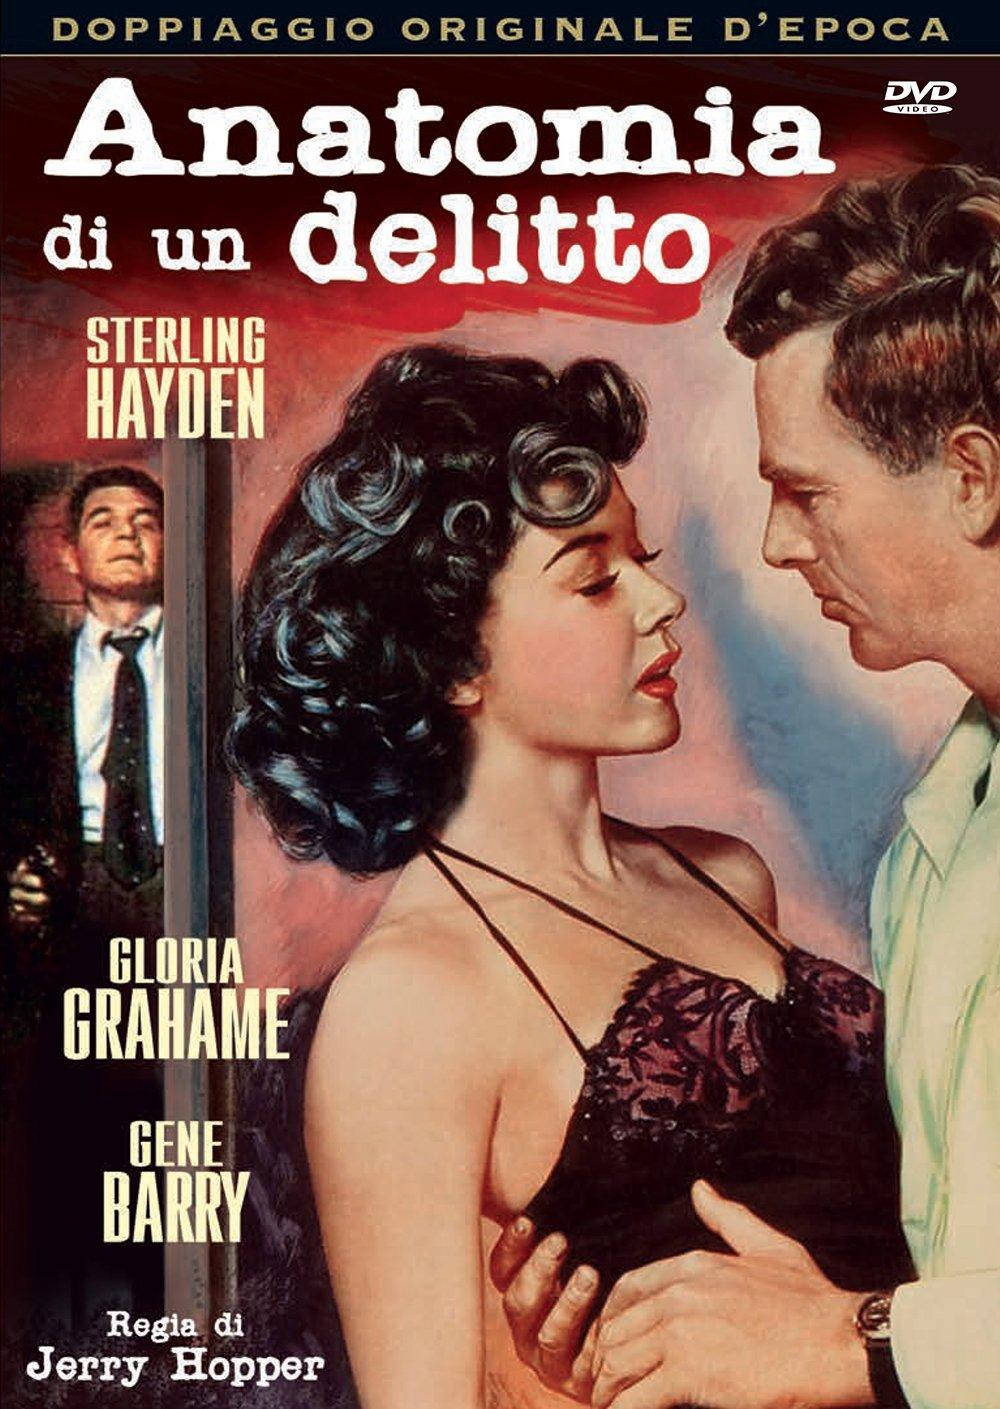 ANATOMIA DI UN DELITTO (DVD)